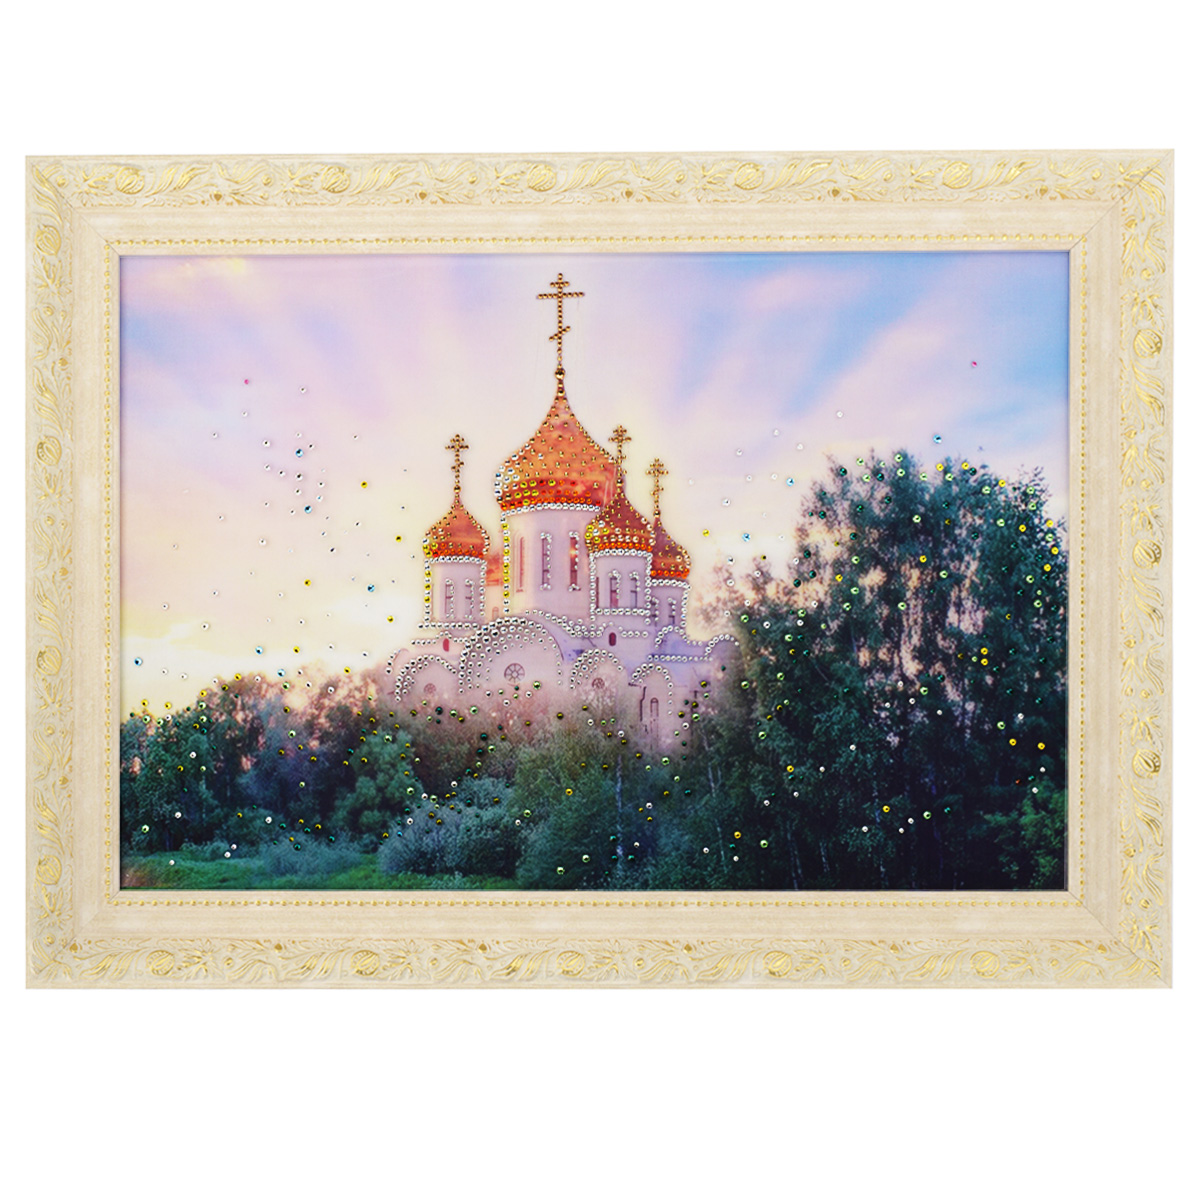 Картина с кристаллами Swarovski В лучах солнца, 70 см х 50 смPM-4001Изящная картина в багетной раме, инкрустирована кристаллами Swarovski, которые отличаются четкой и ровной огранкой, ярким блеском и чистотой цвета. Красочное изображение церкви, расположенное под стеклом, прекрасно дополняет блеск кристаллов. С обратной стороны имеется металлическая проволока для размещения картины на стене. Картина с кристаллами Swarovski В лучах солнца элегантно украсит интерьер дома или офиса, а также станет прекрасным подарком, который обязательно понравится получателю. Блеск кристаллов в интерьере, что может быть сказочнее и удивительнее. Картина упакована в подарочную картонную коробку синего цвета и комплектуется сертификатом соответствия Swarovski.